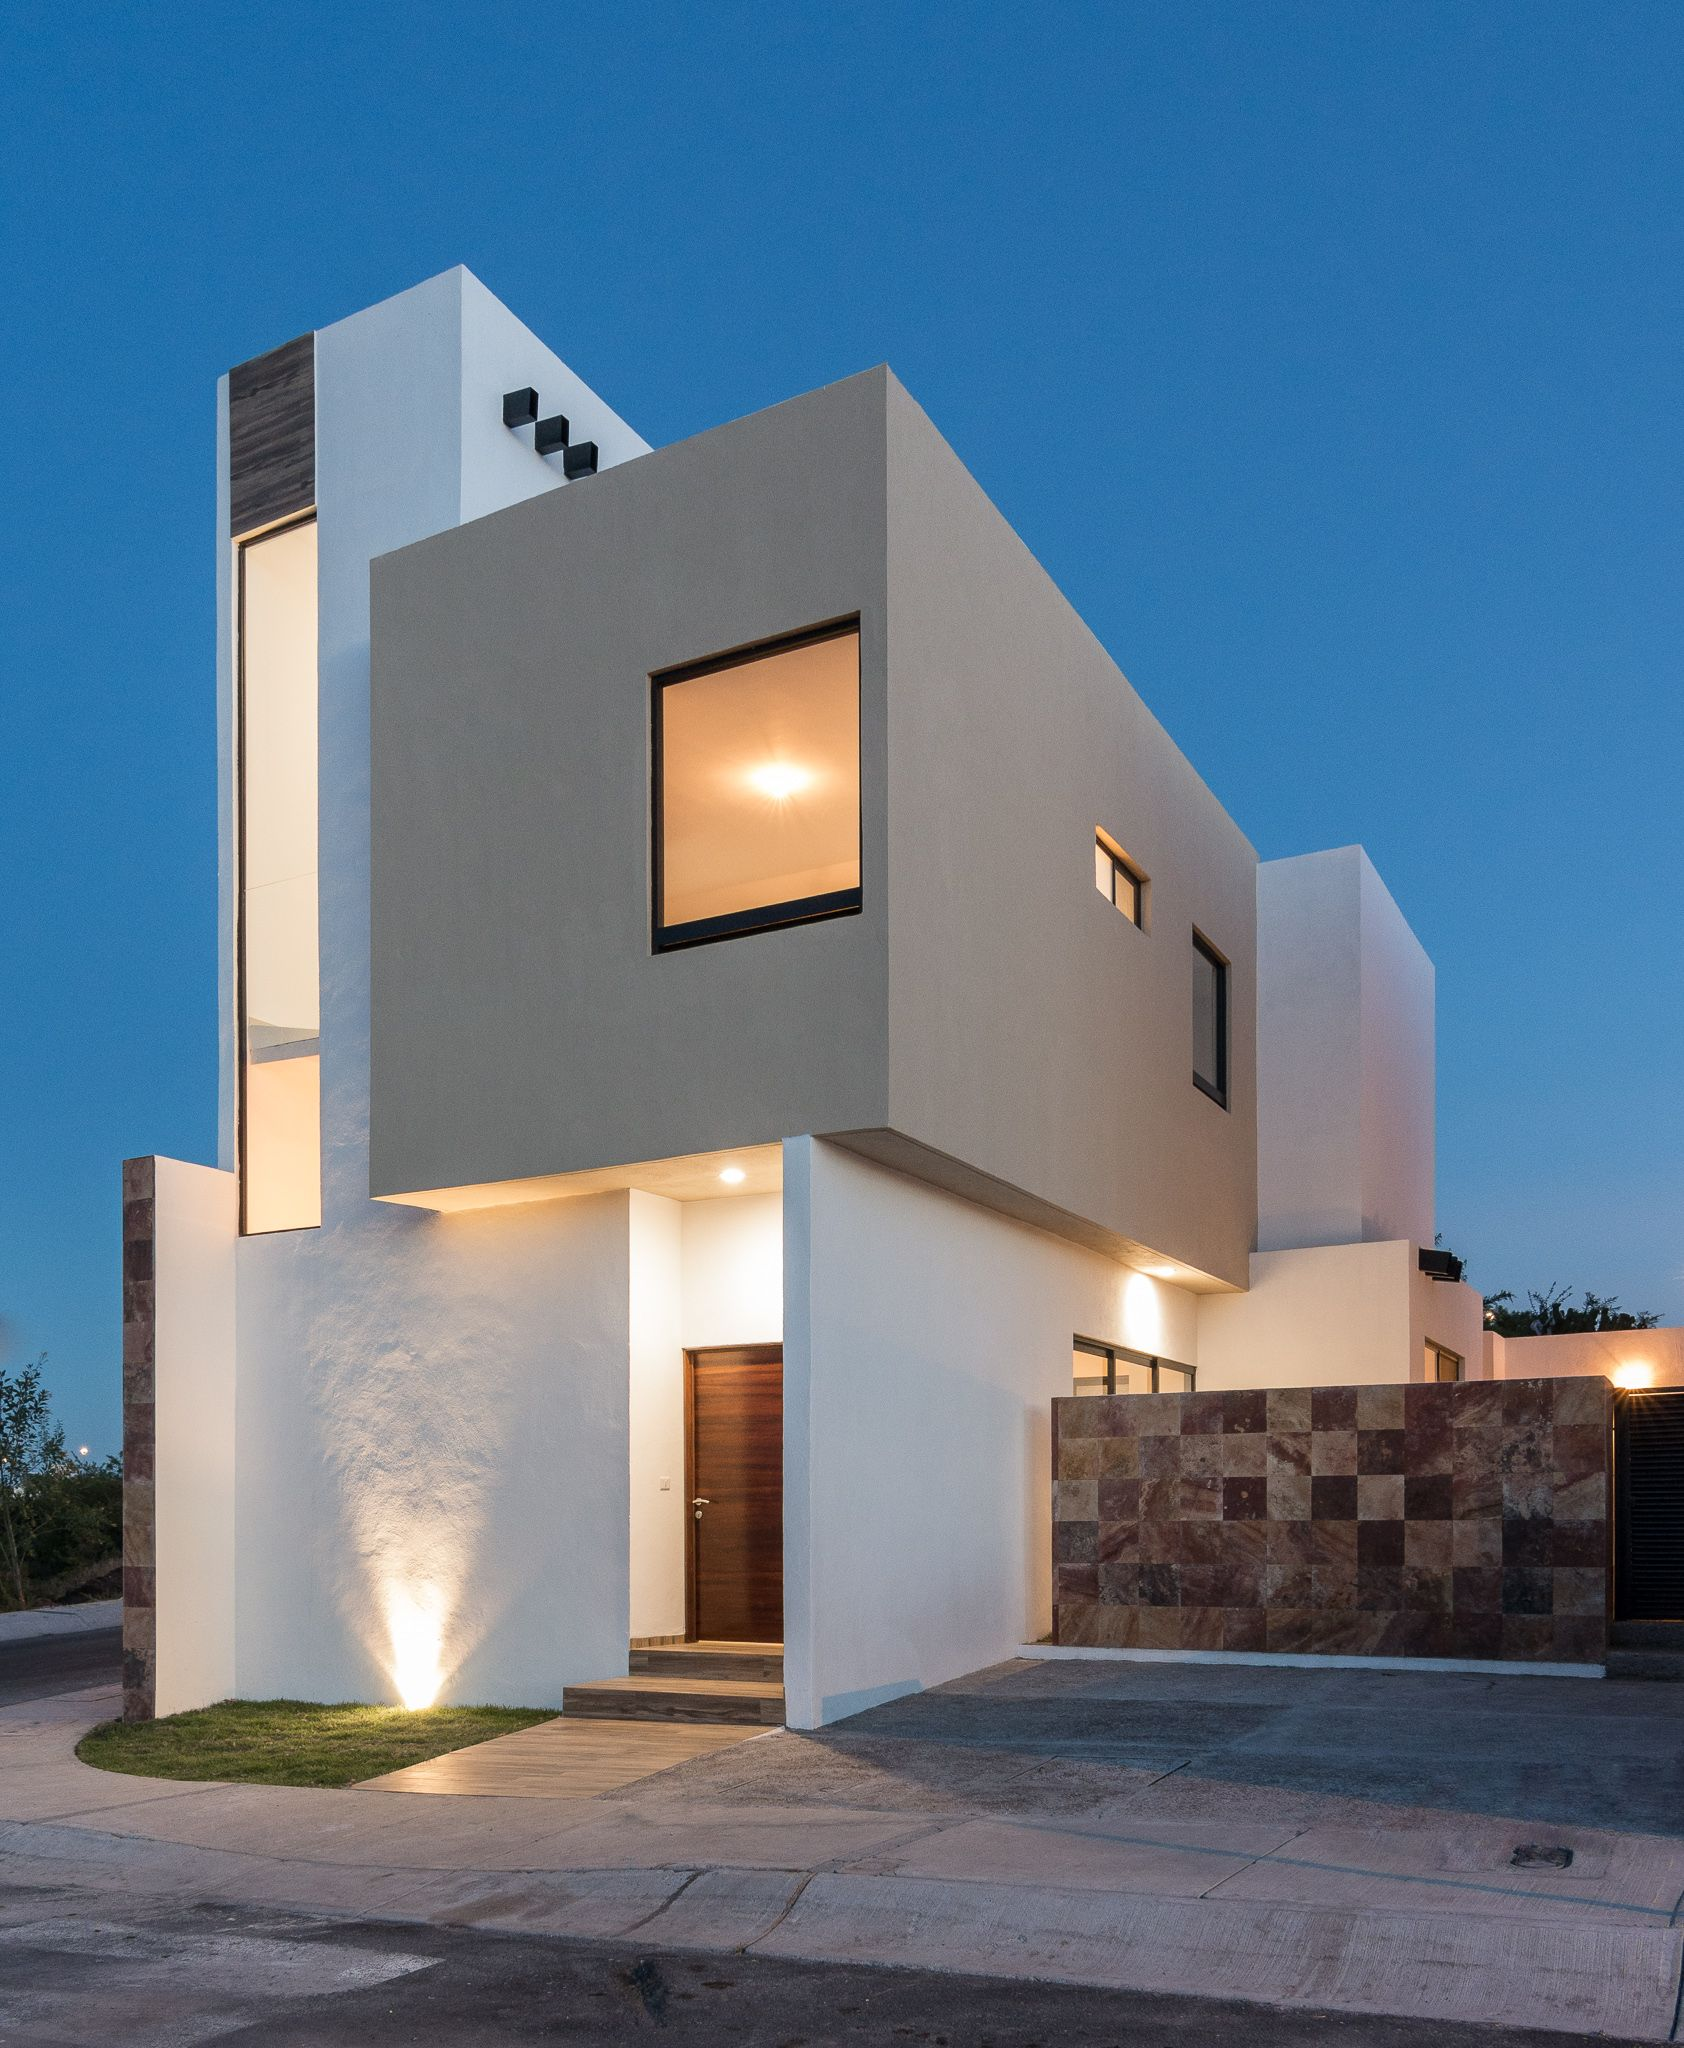 Bonita casa habitacion de dos plantas zibata queretaro for Casa minimalista 2 plantas